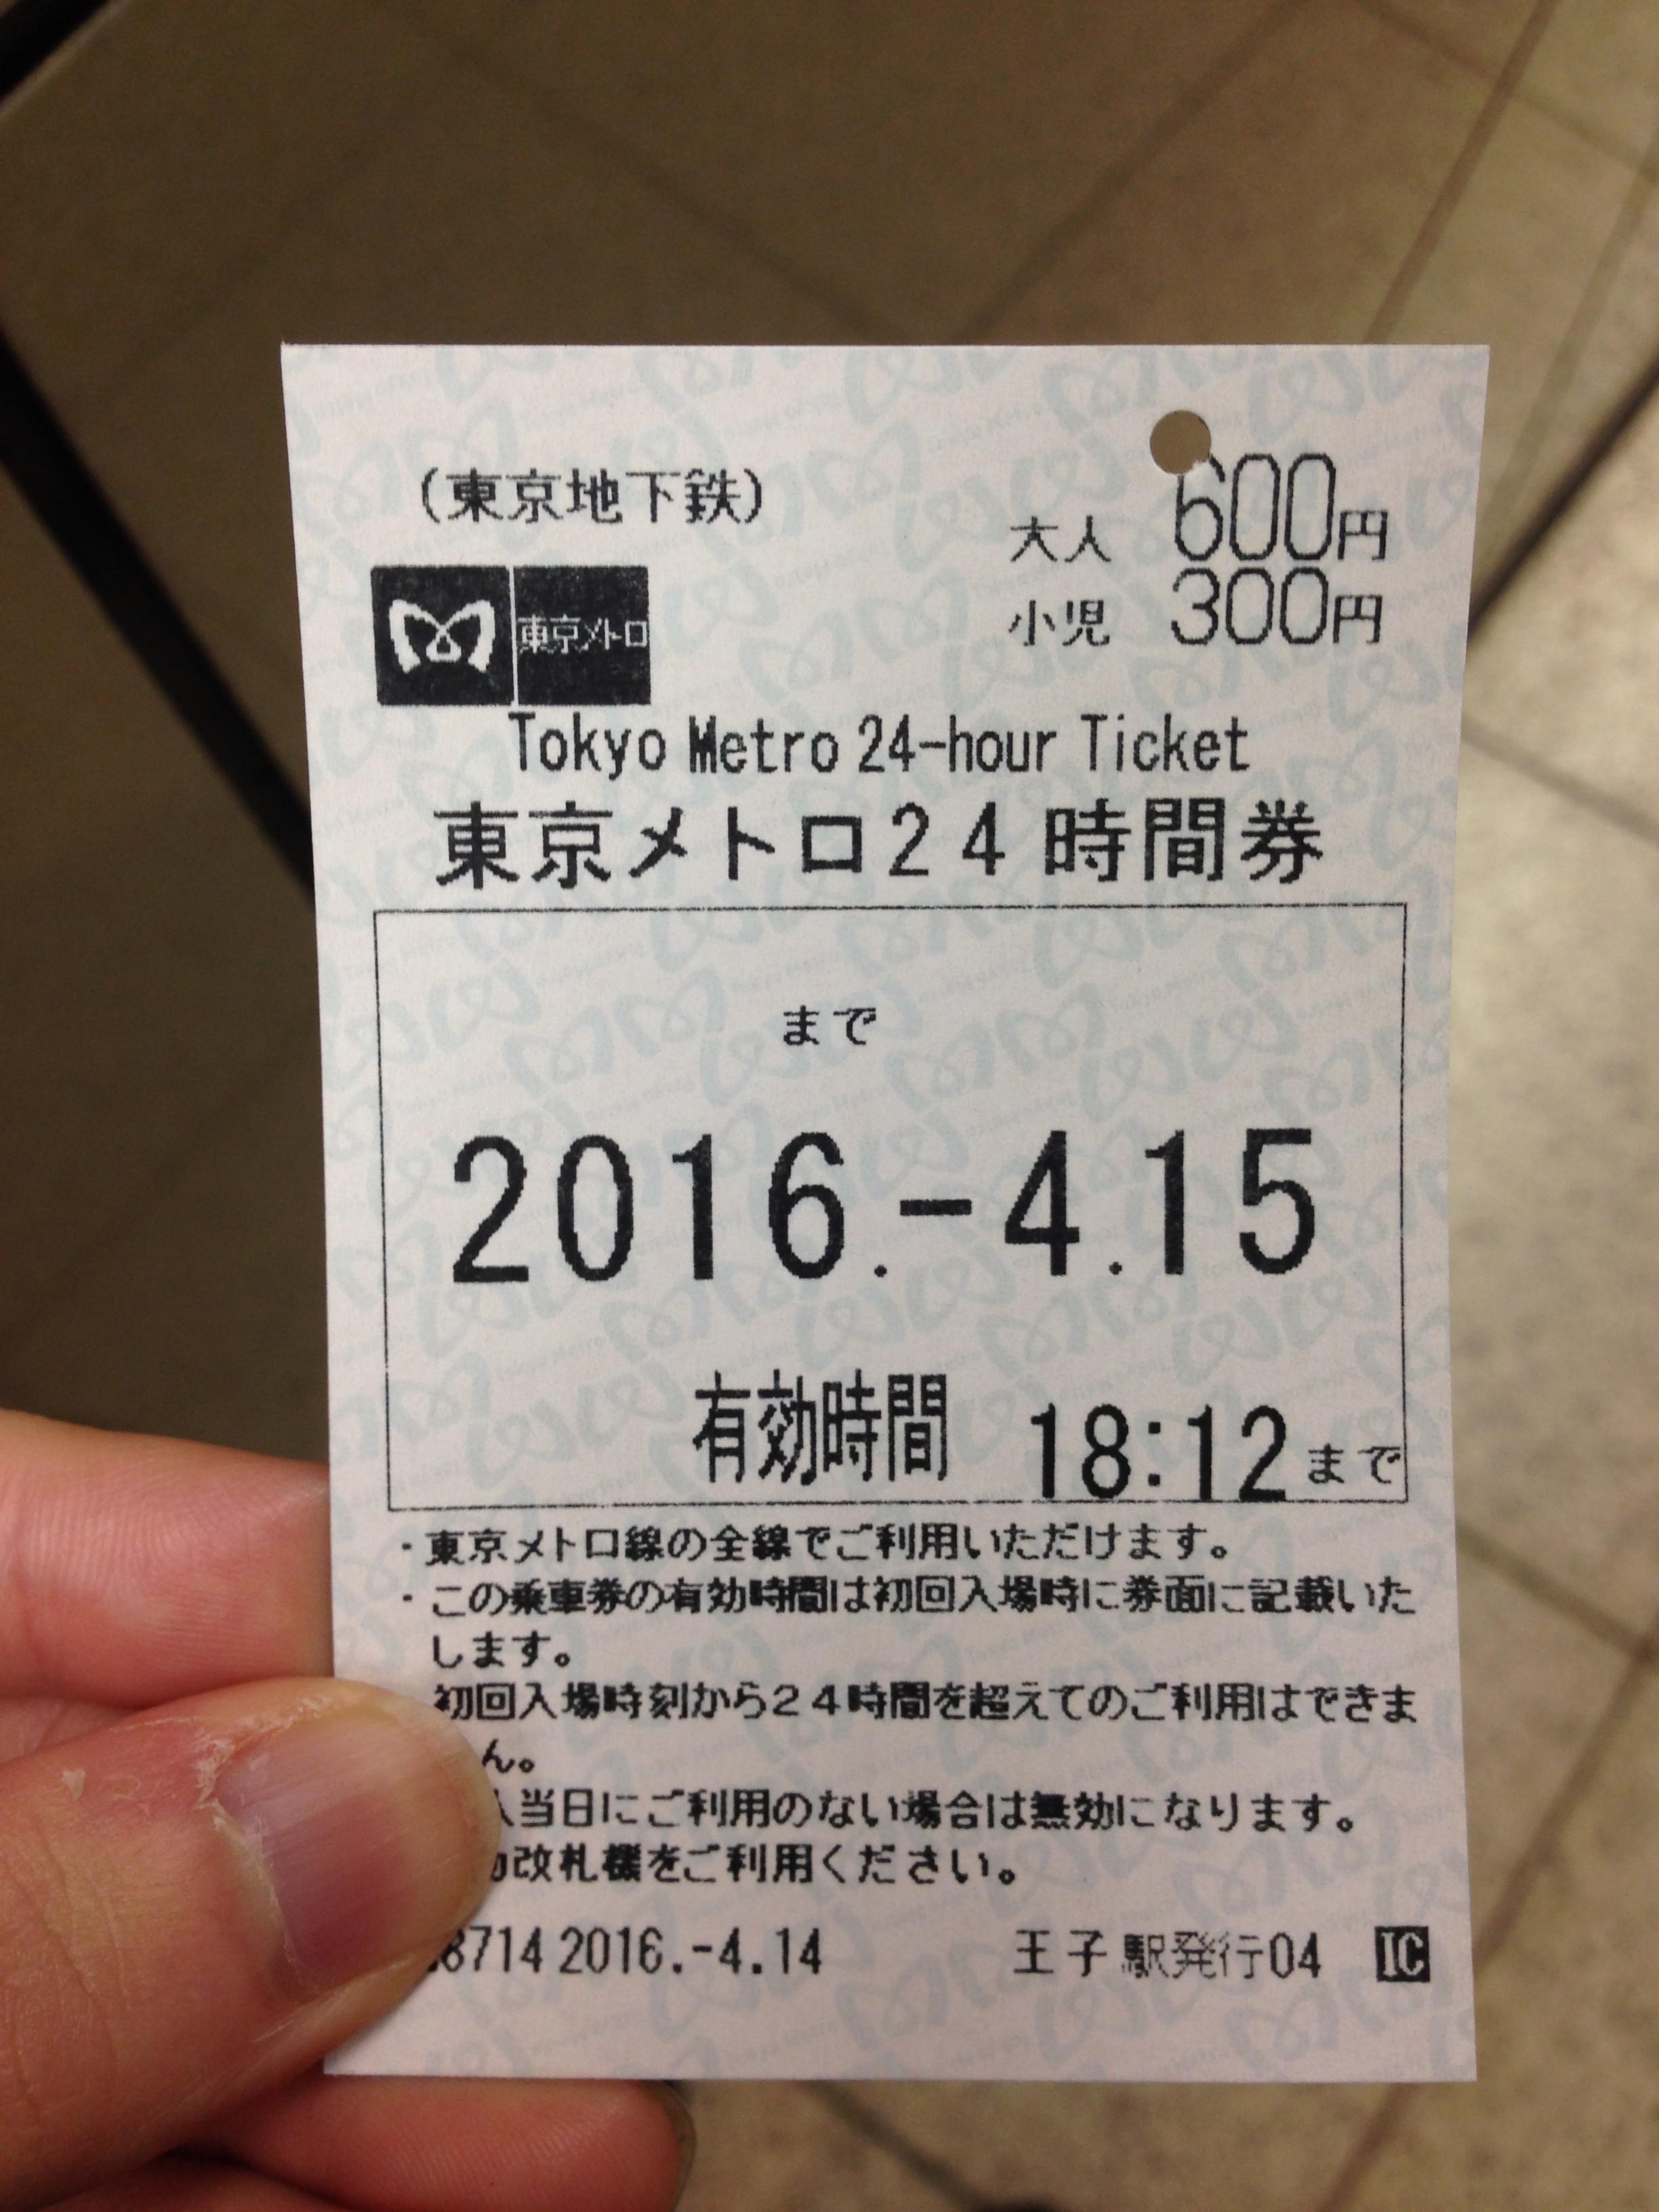 都内をまわるなら「東京メトロ24時間券」がオススメ!一日何度も使えて600円